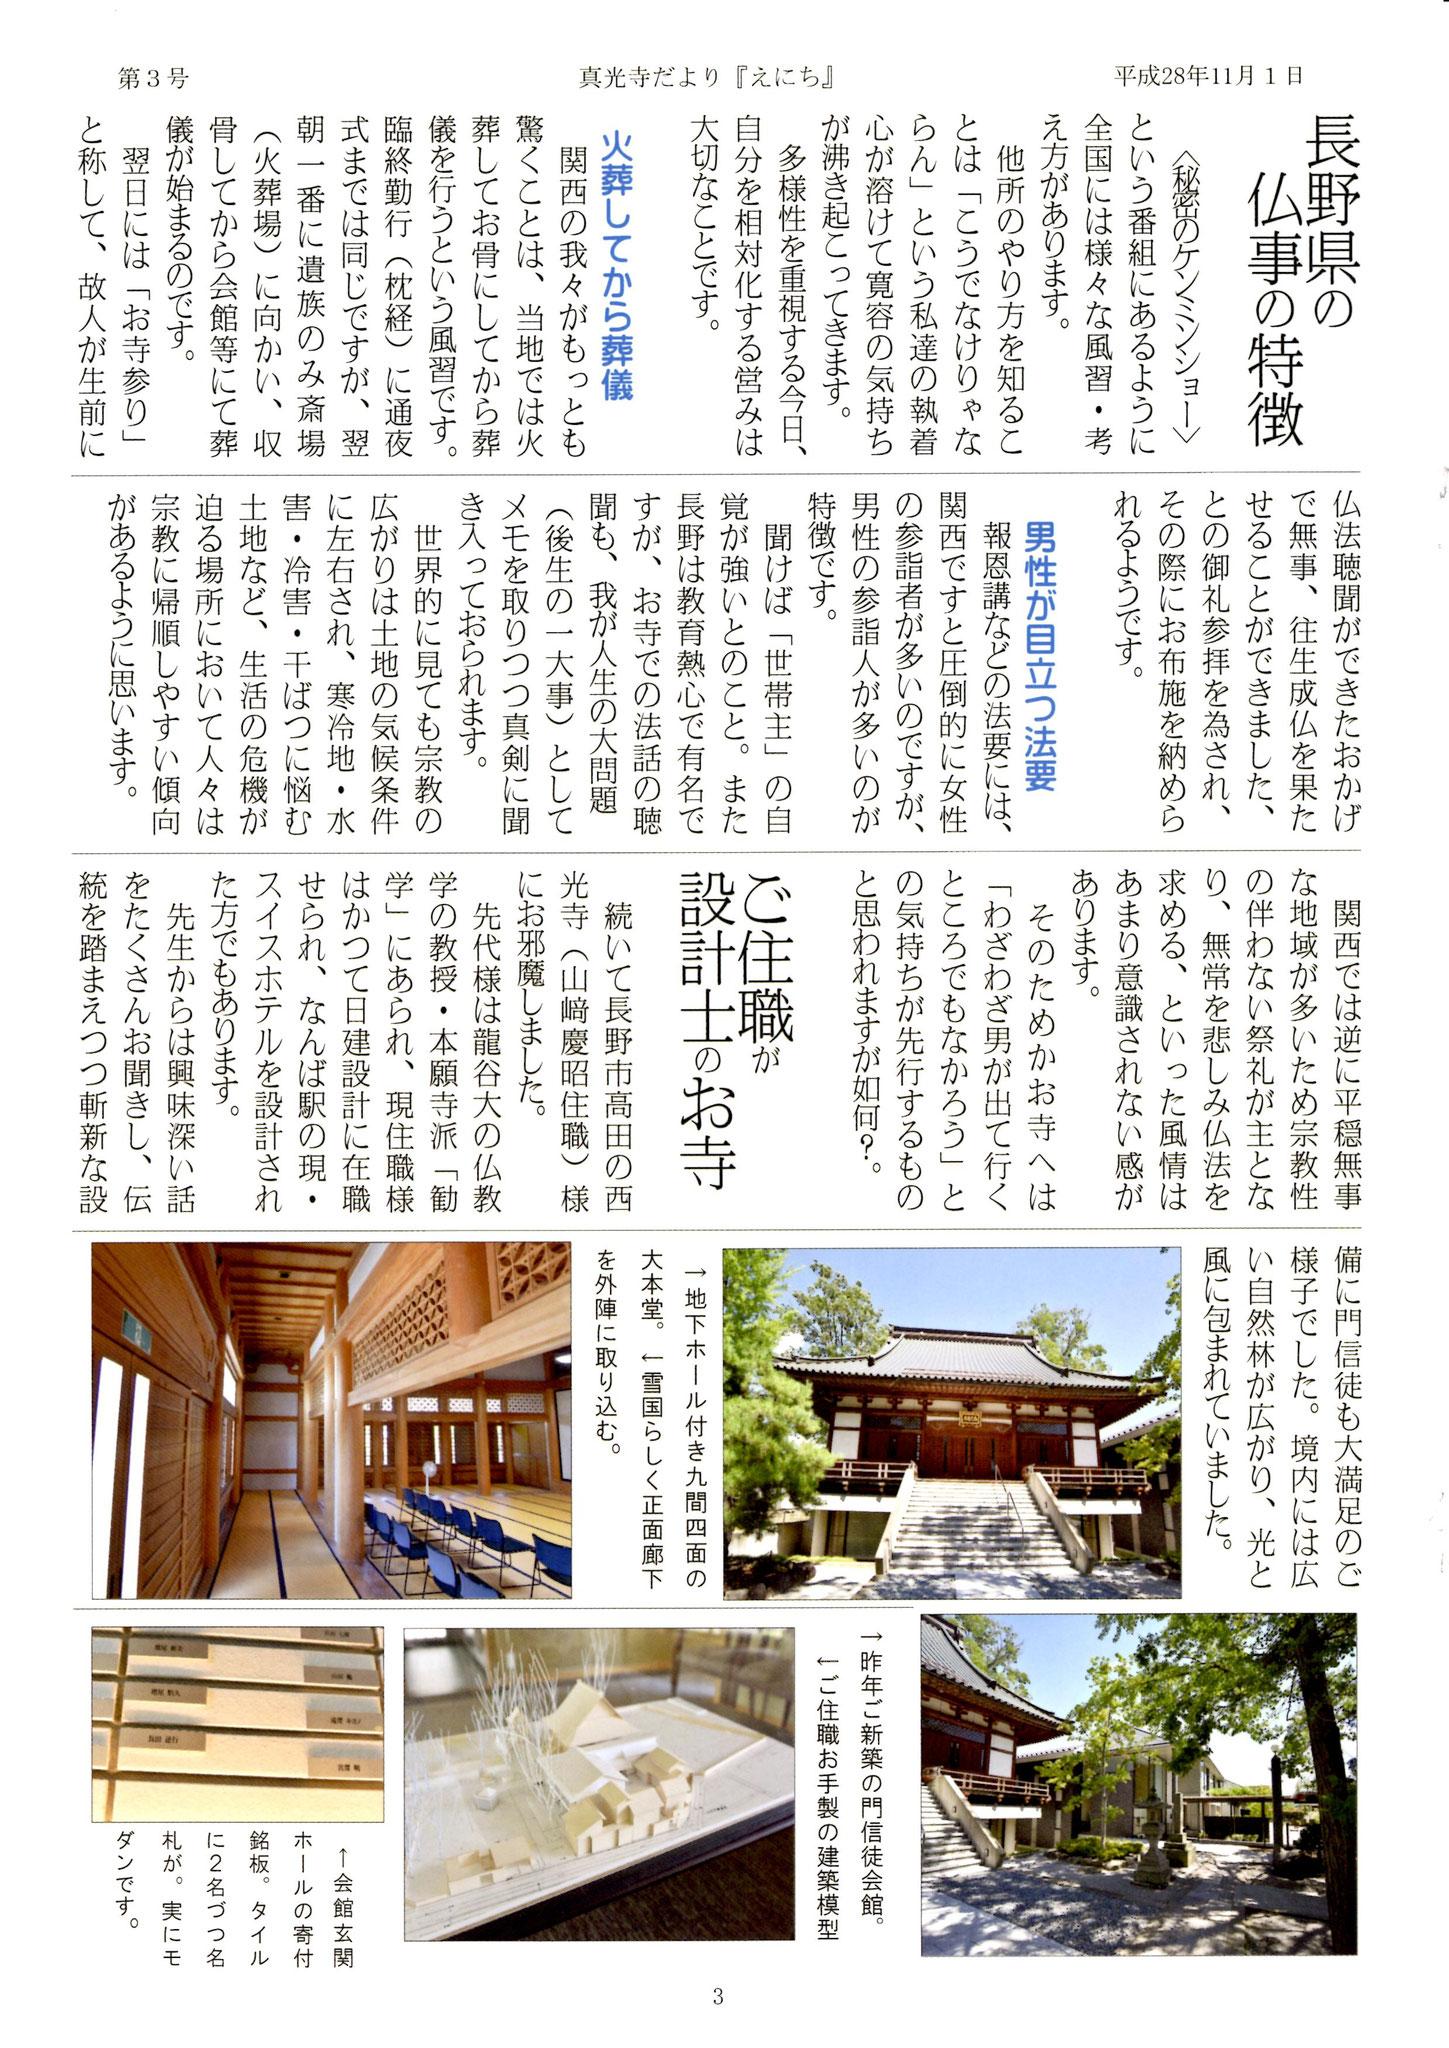 長野県内の寺院探訪